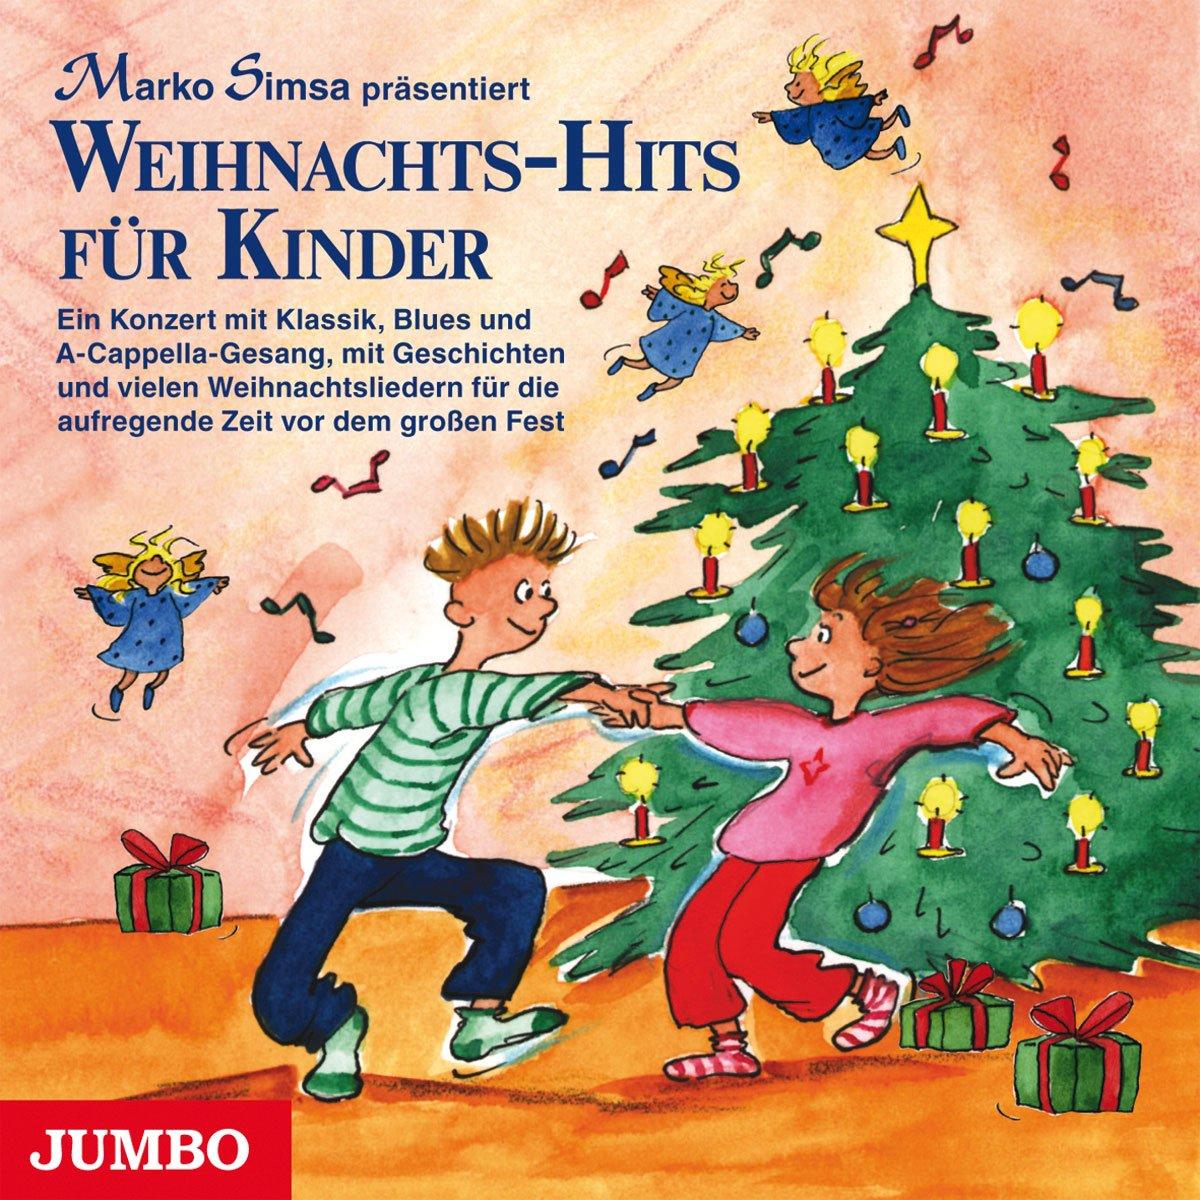 Weihnachts-Hits für Kinder - Marko Simsa: Amazon.de: Musik